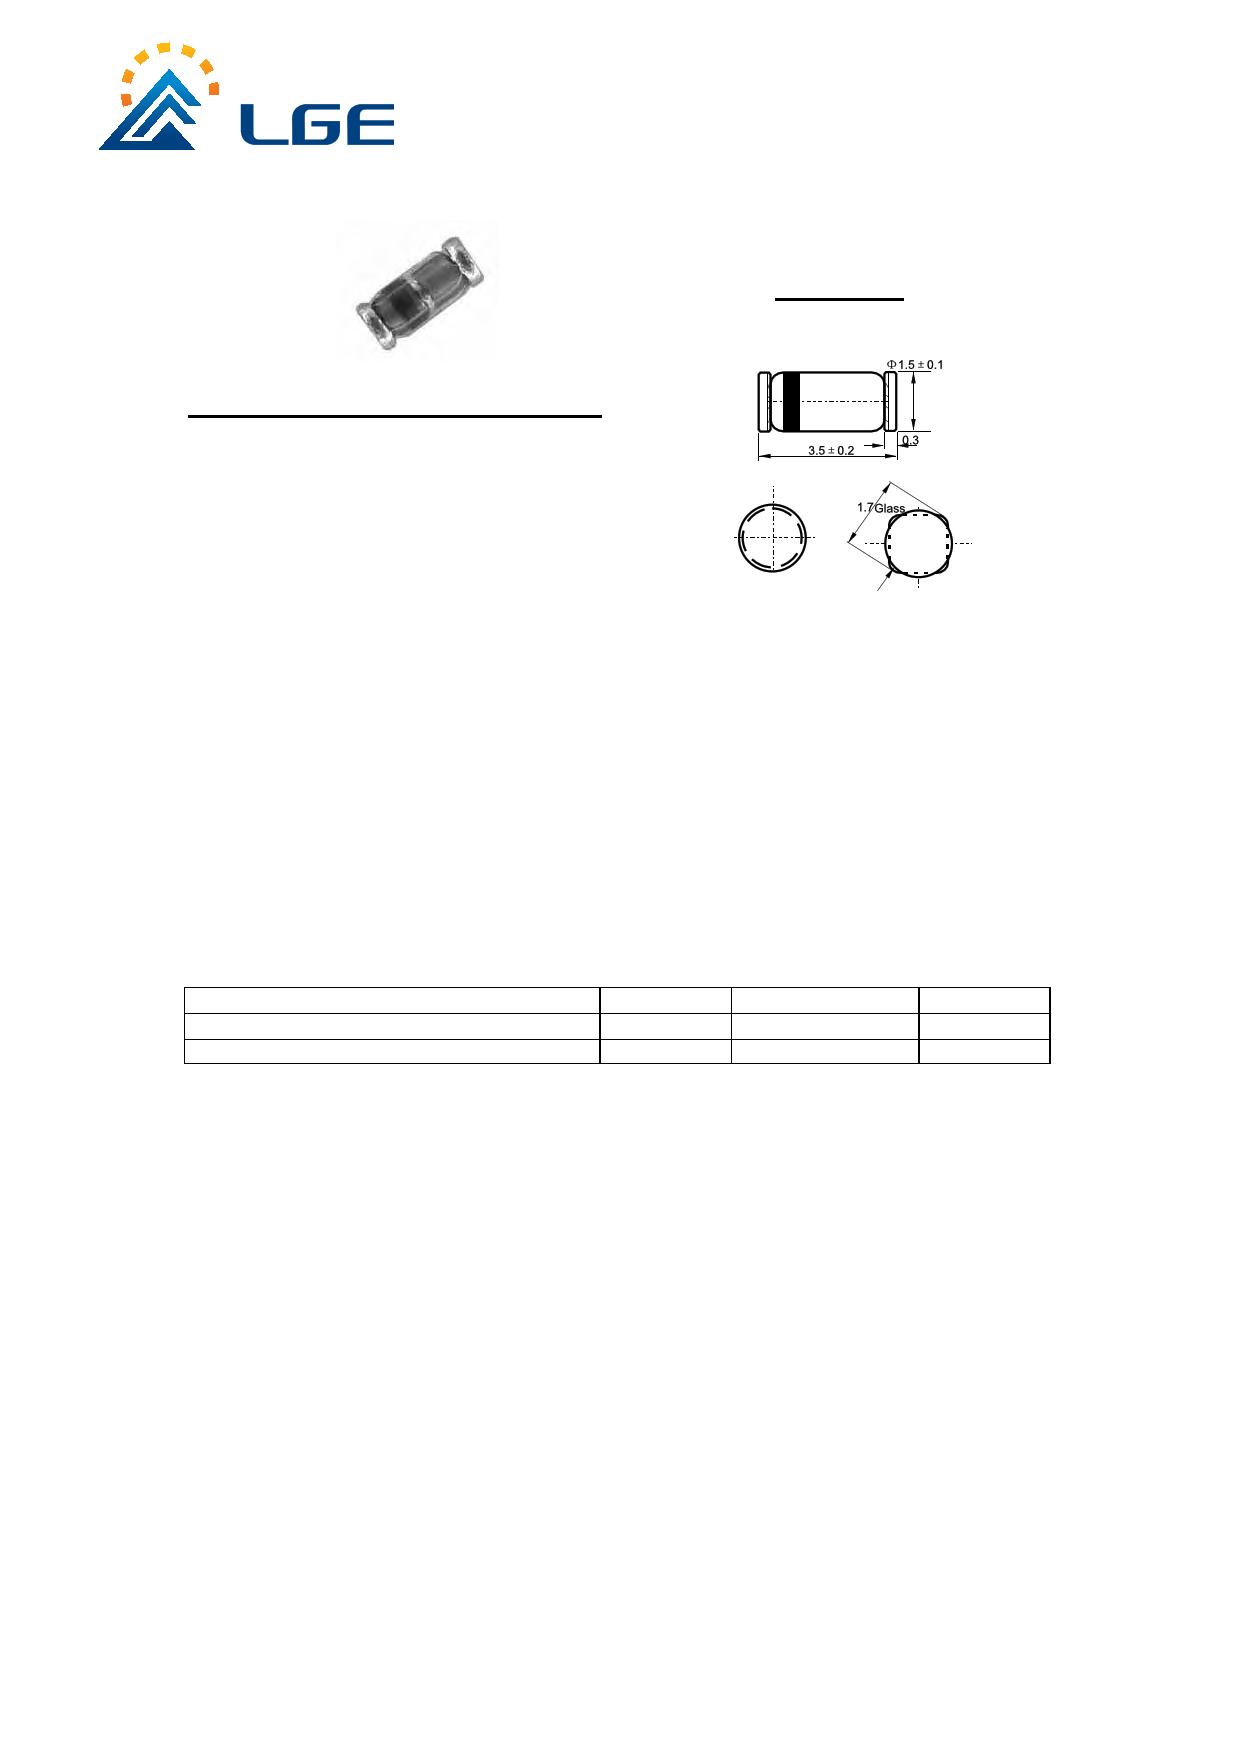 BZV55B6V8 Datasheet, BZV55B6V8 PDF,ピン配置, 機能